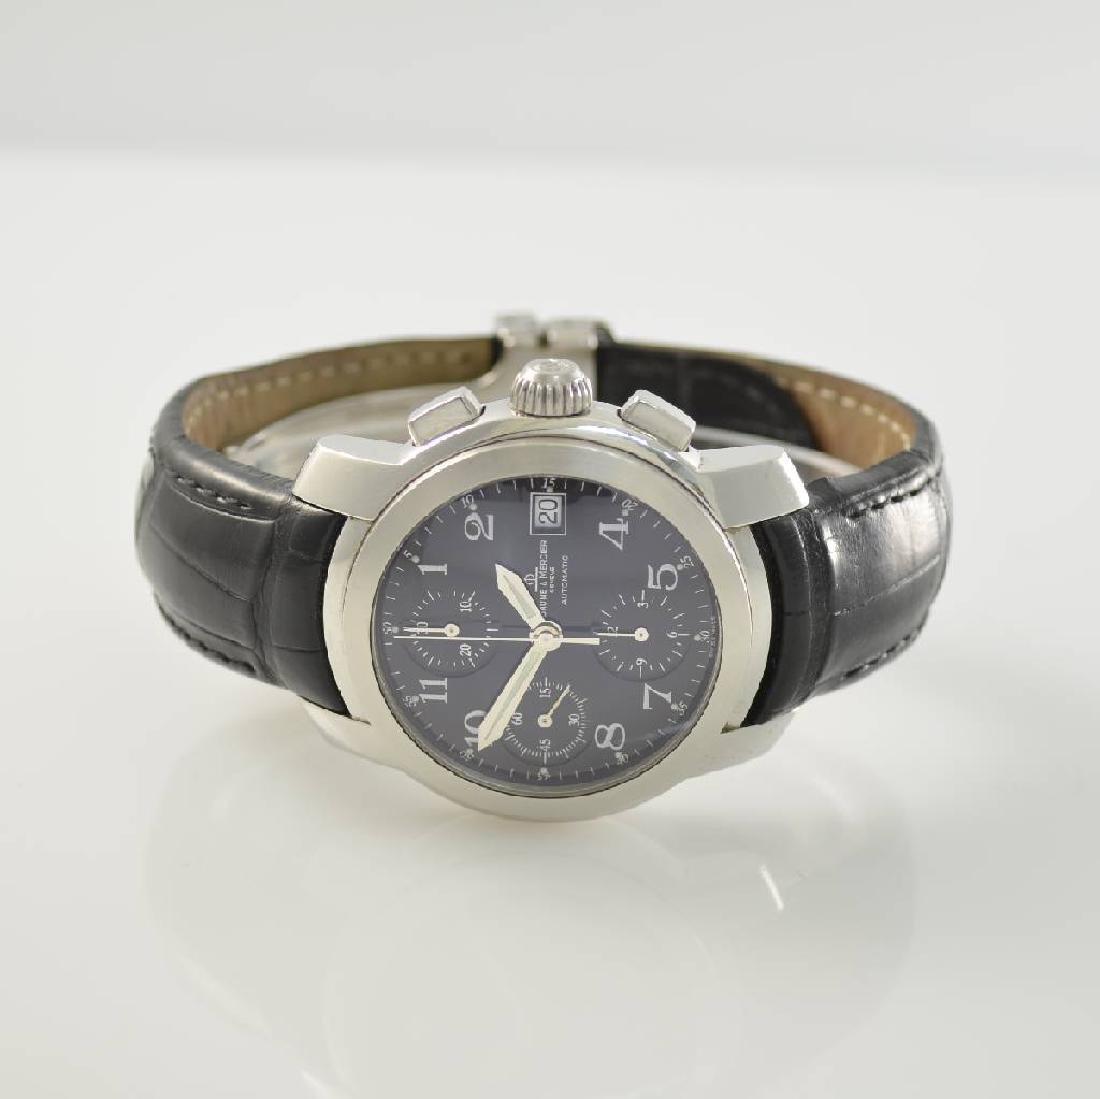 BAUME & MERCIER Capeland gents wristwatch